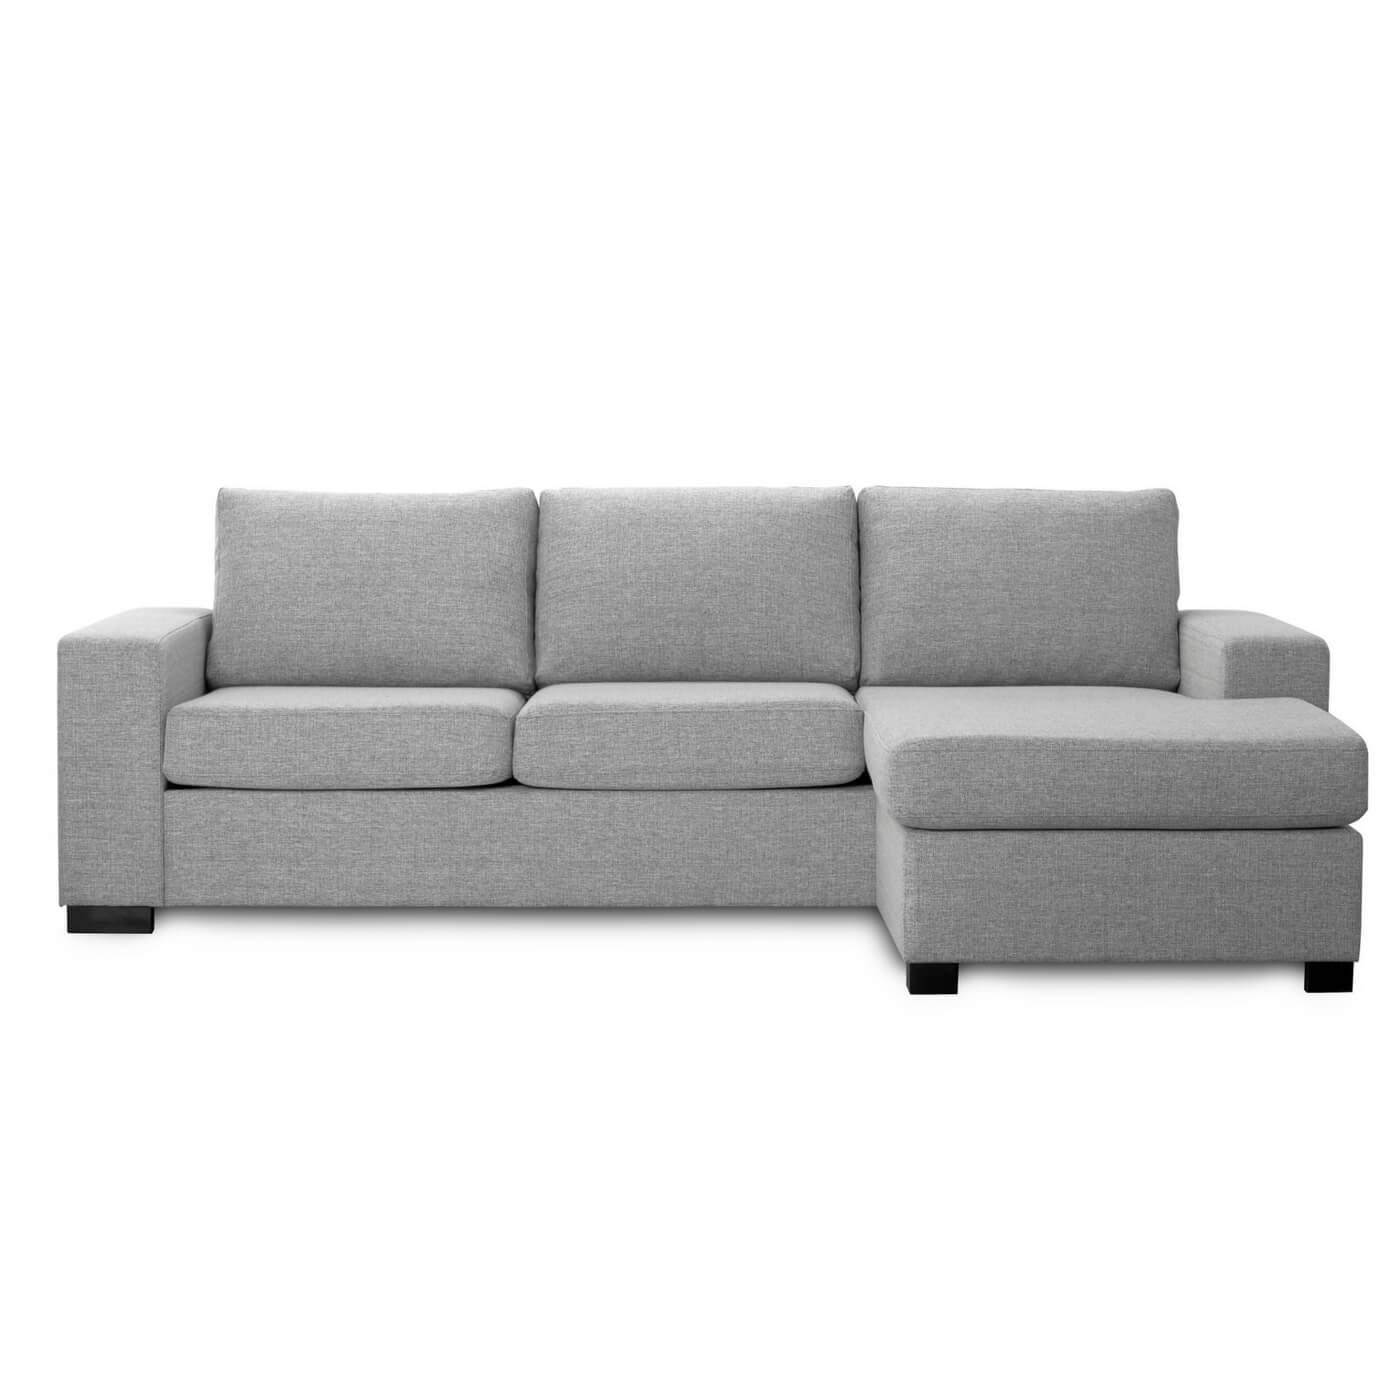 Milan 3 pers. sofa - lys granitgrå stof m. chaiselong